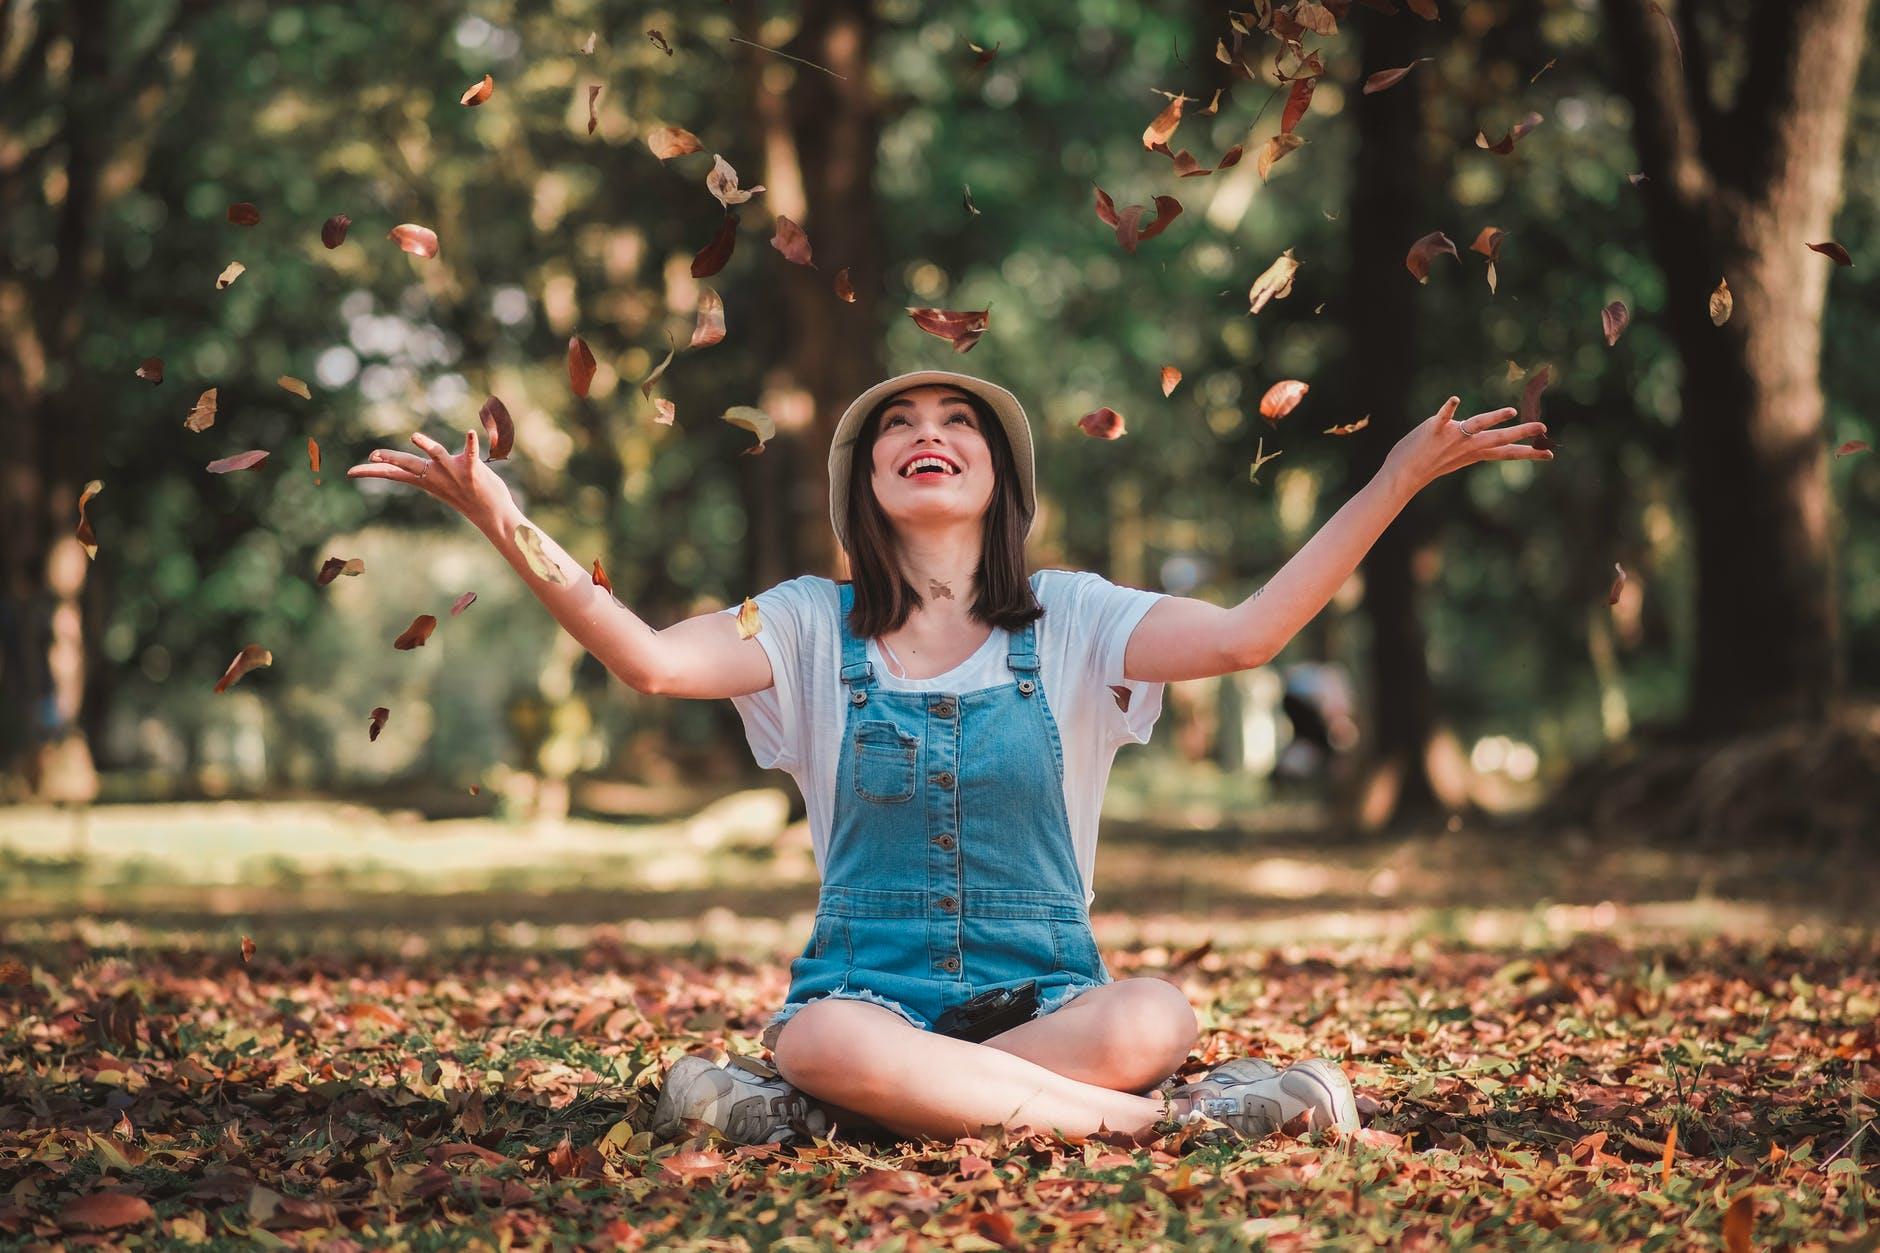 Mit kezdjek magammal? 15 hasznos én-idős elfoglaltság tipp